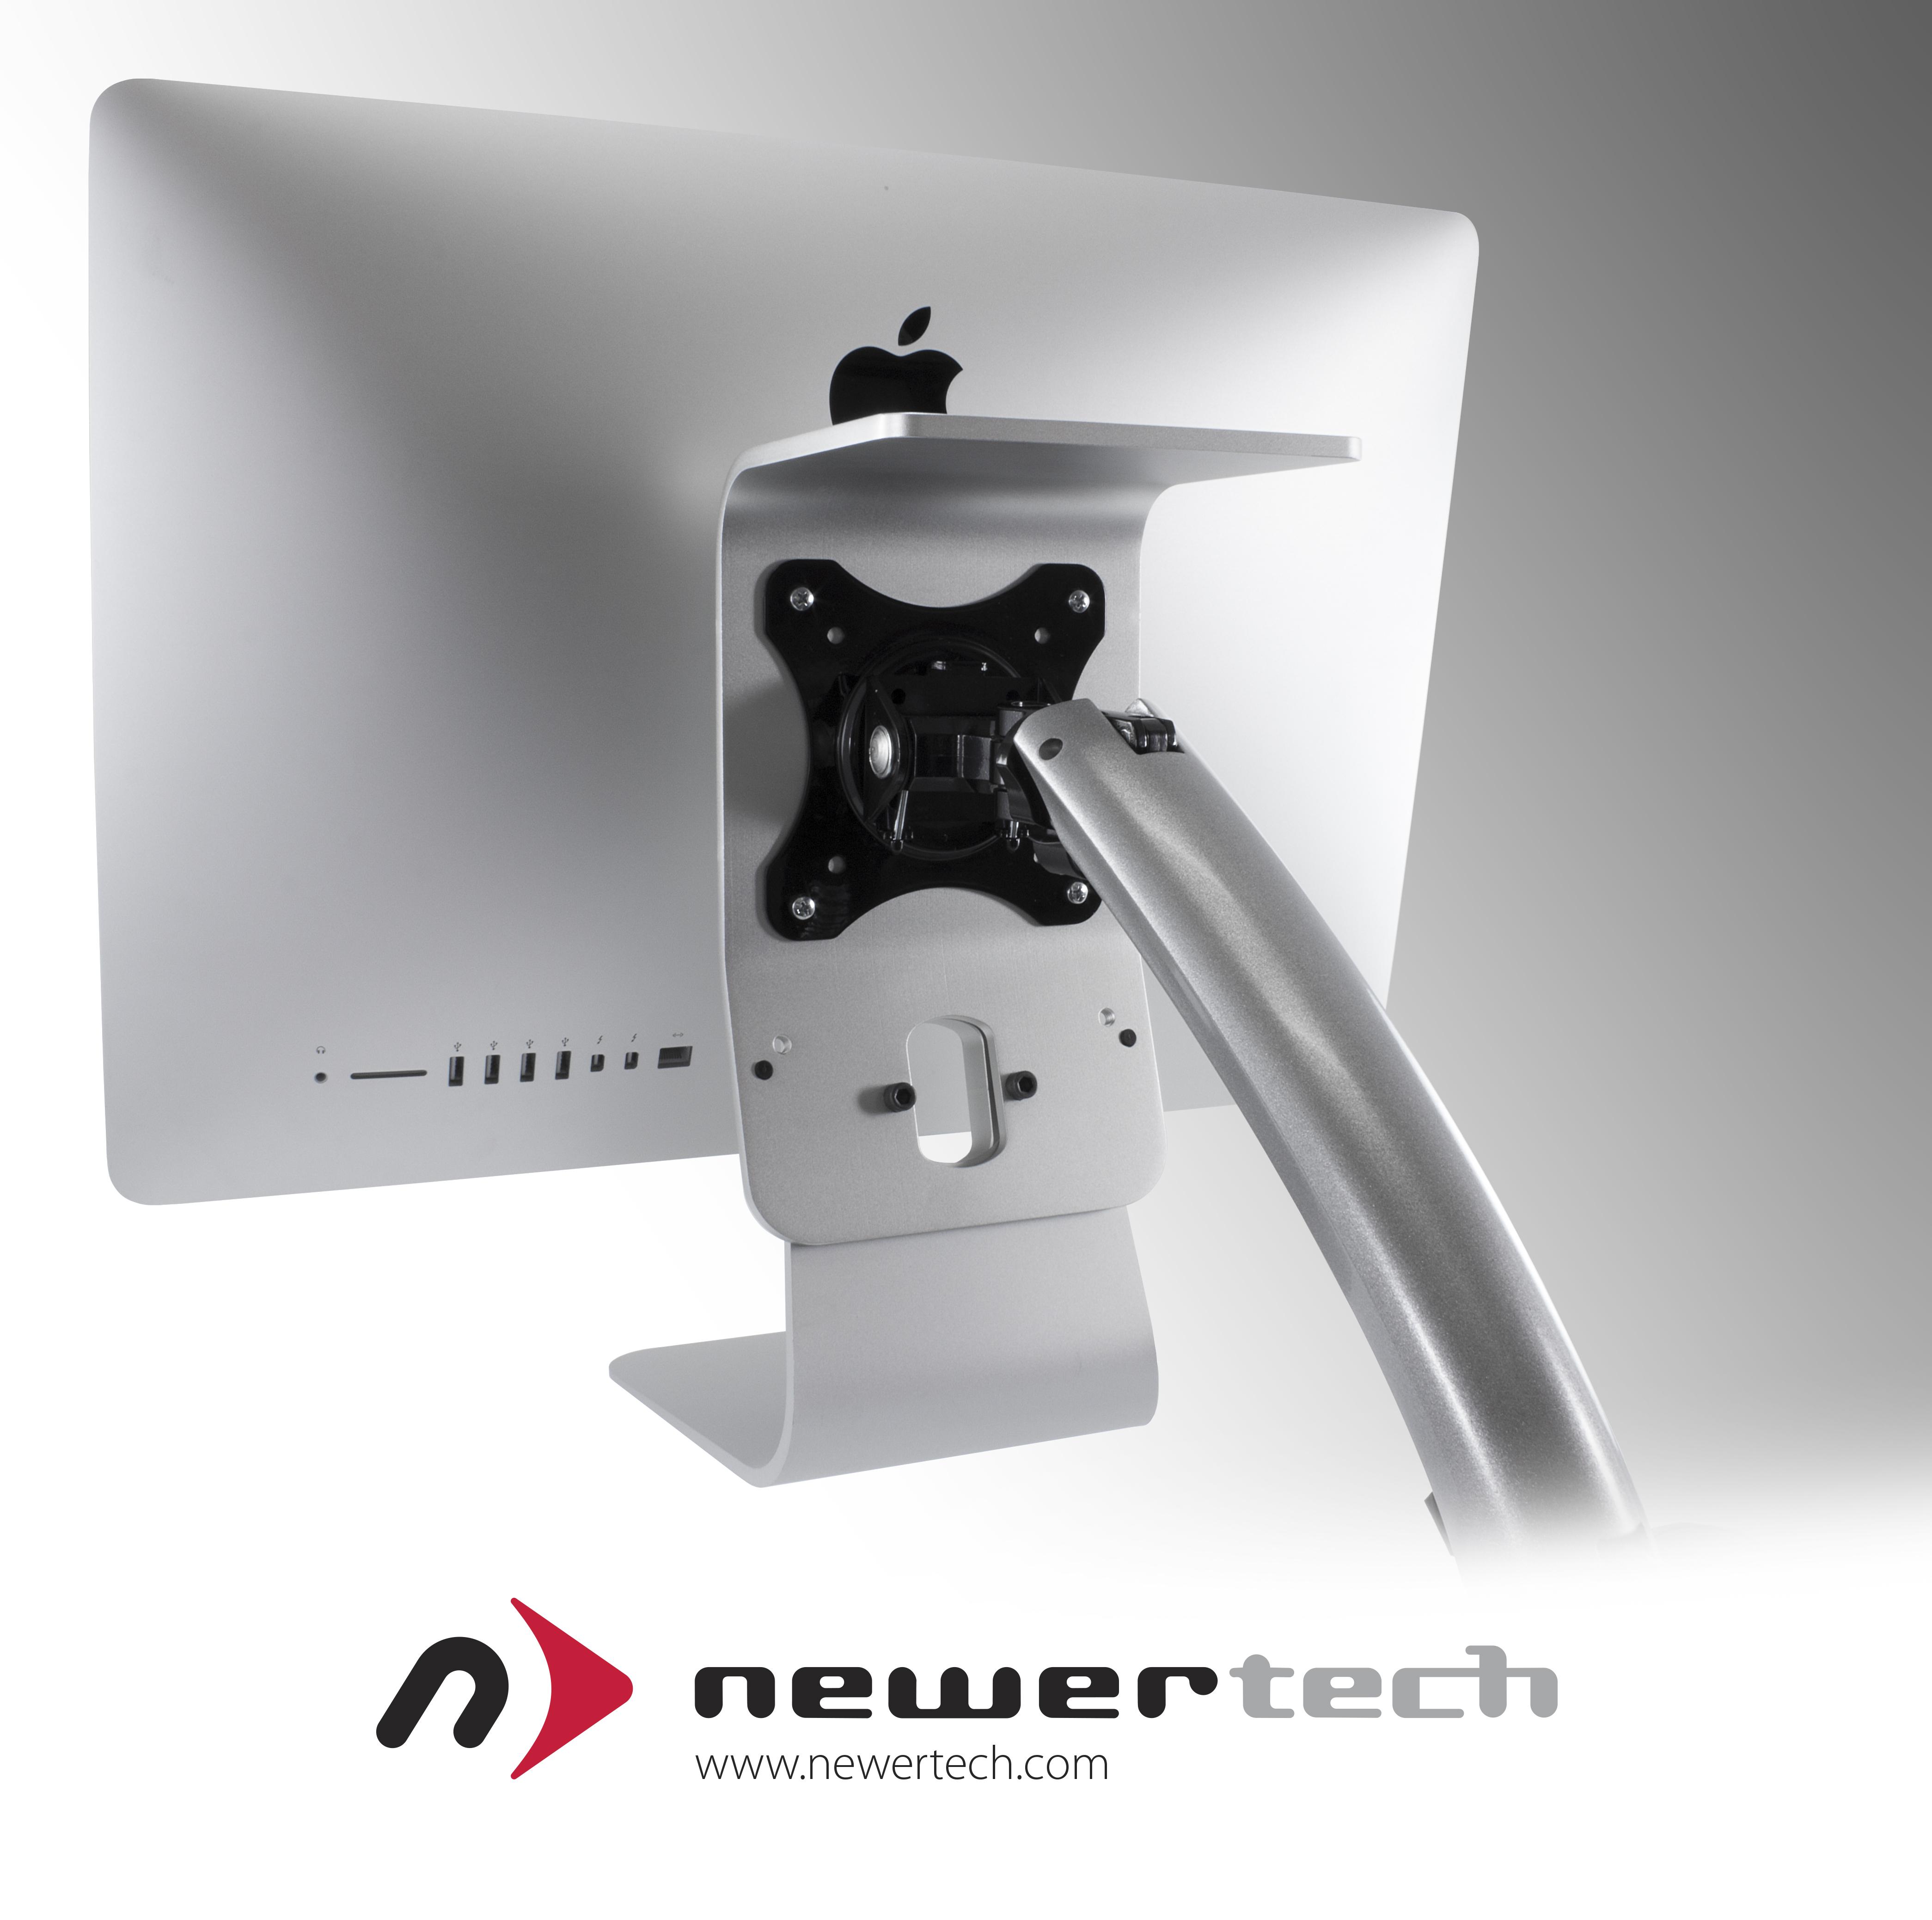 Newertech 174 News Room Press Release Newertech